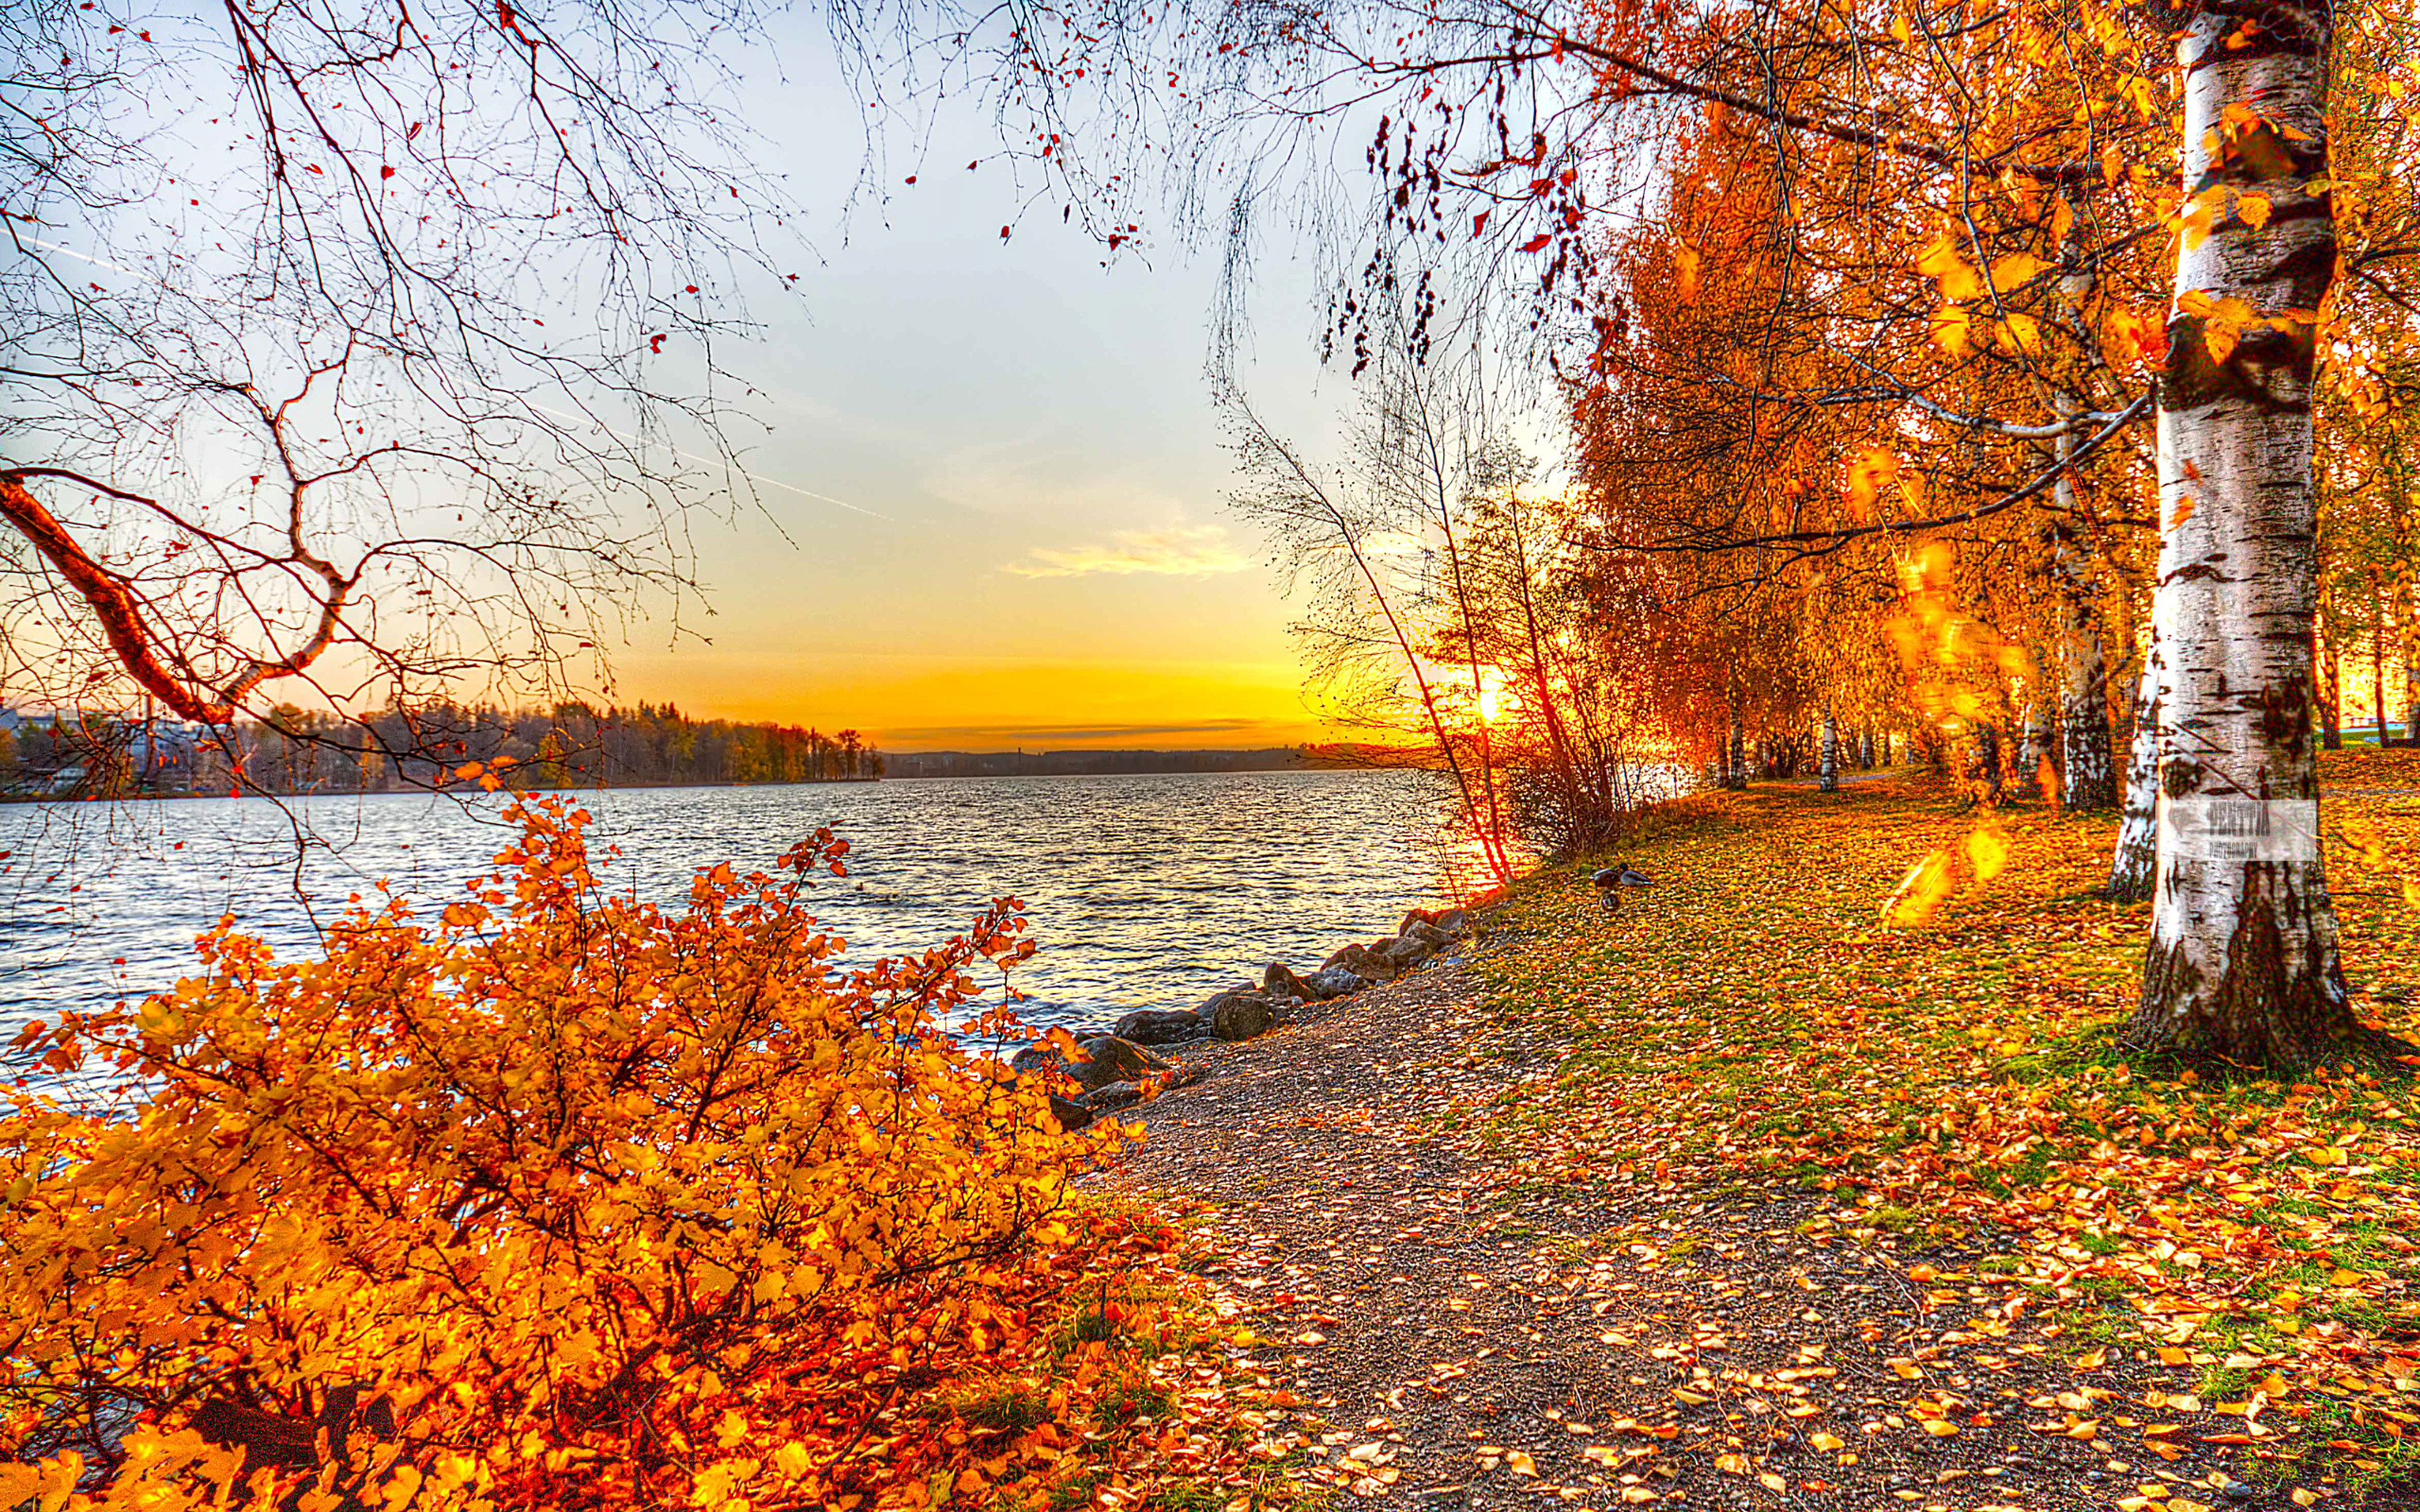 Днем учителя, красивые открытки с осенними пейзажами